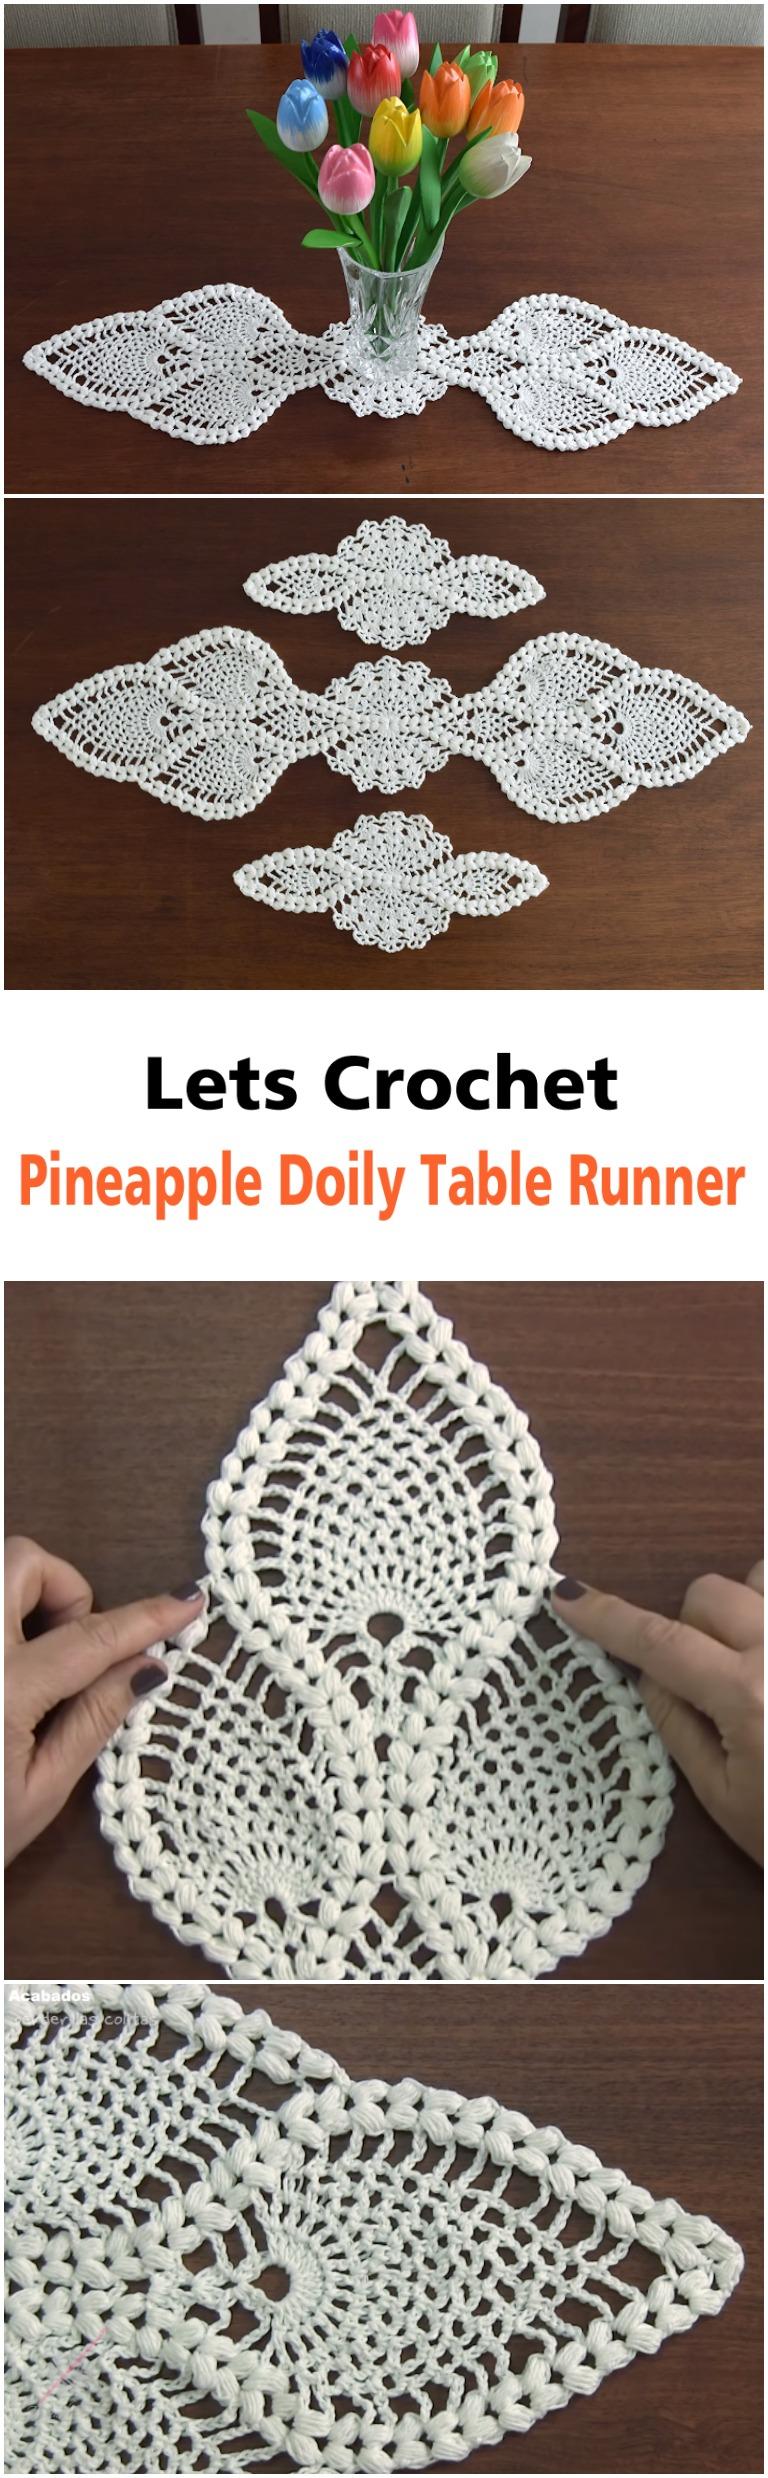 Crochet Pineapple Doily Table Runner - ilove-crochet